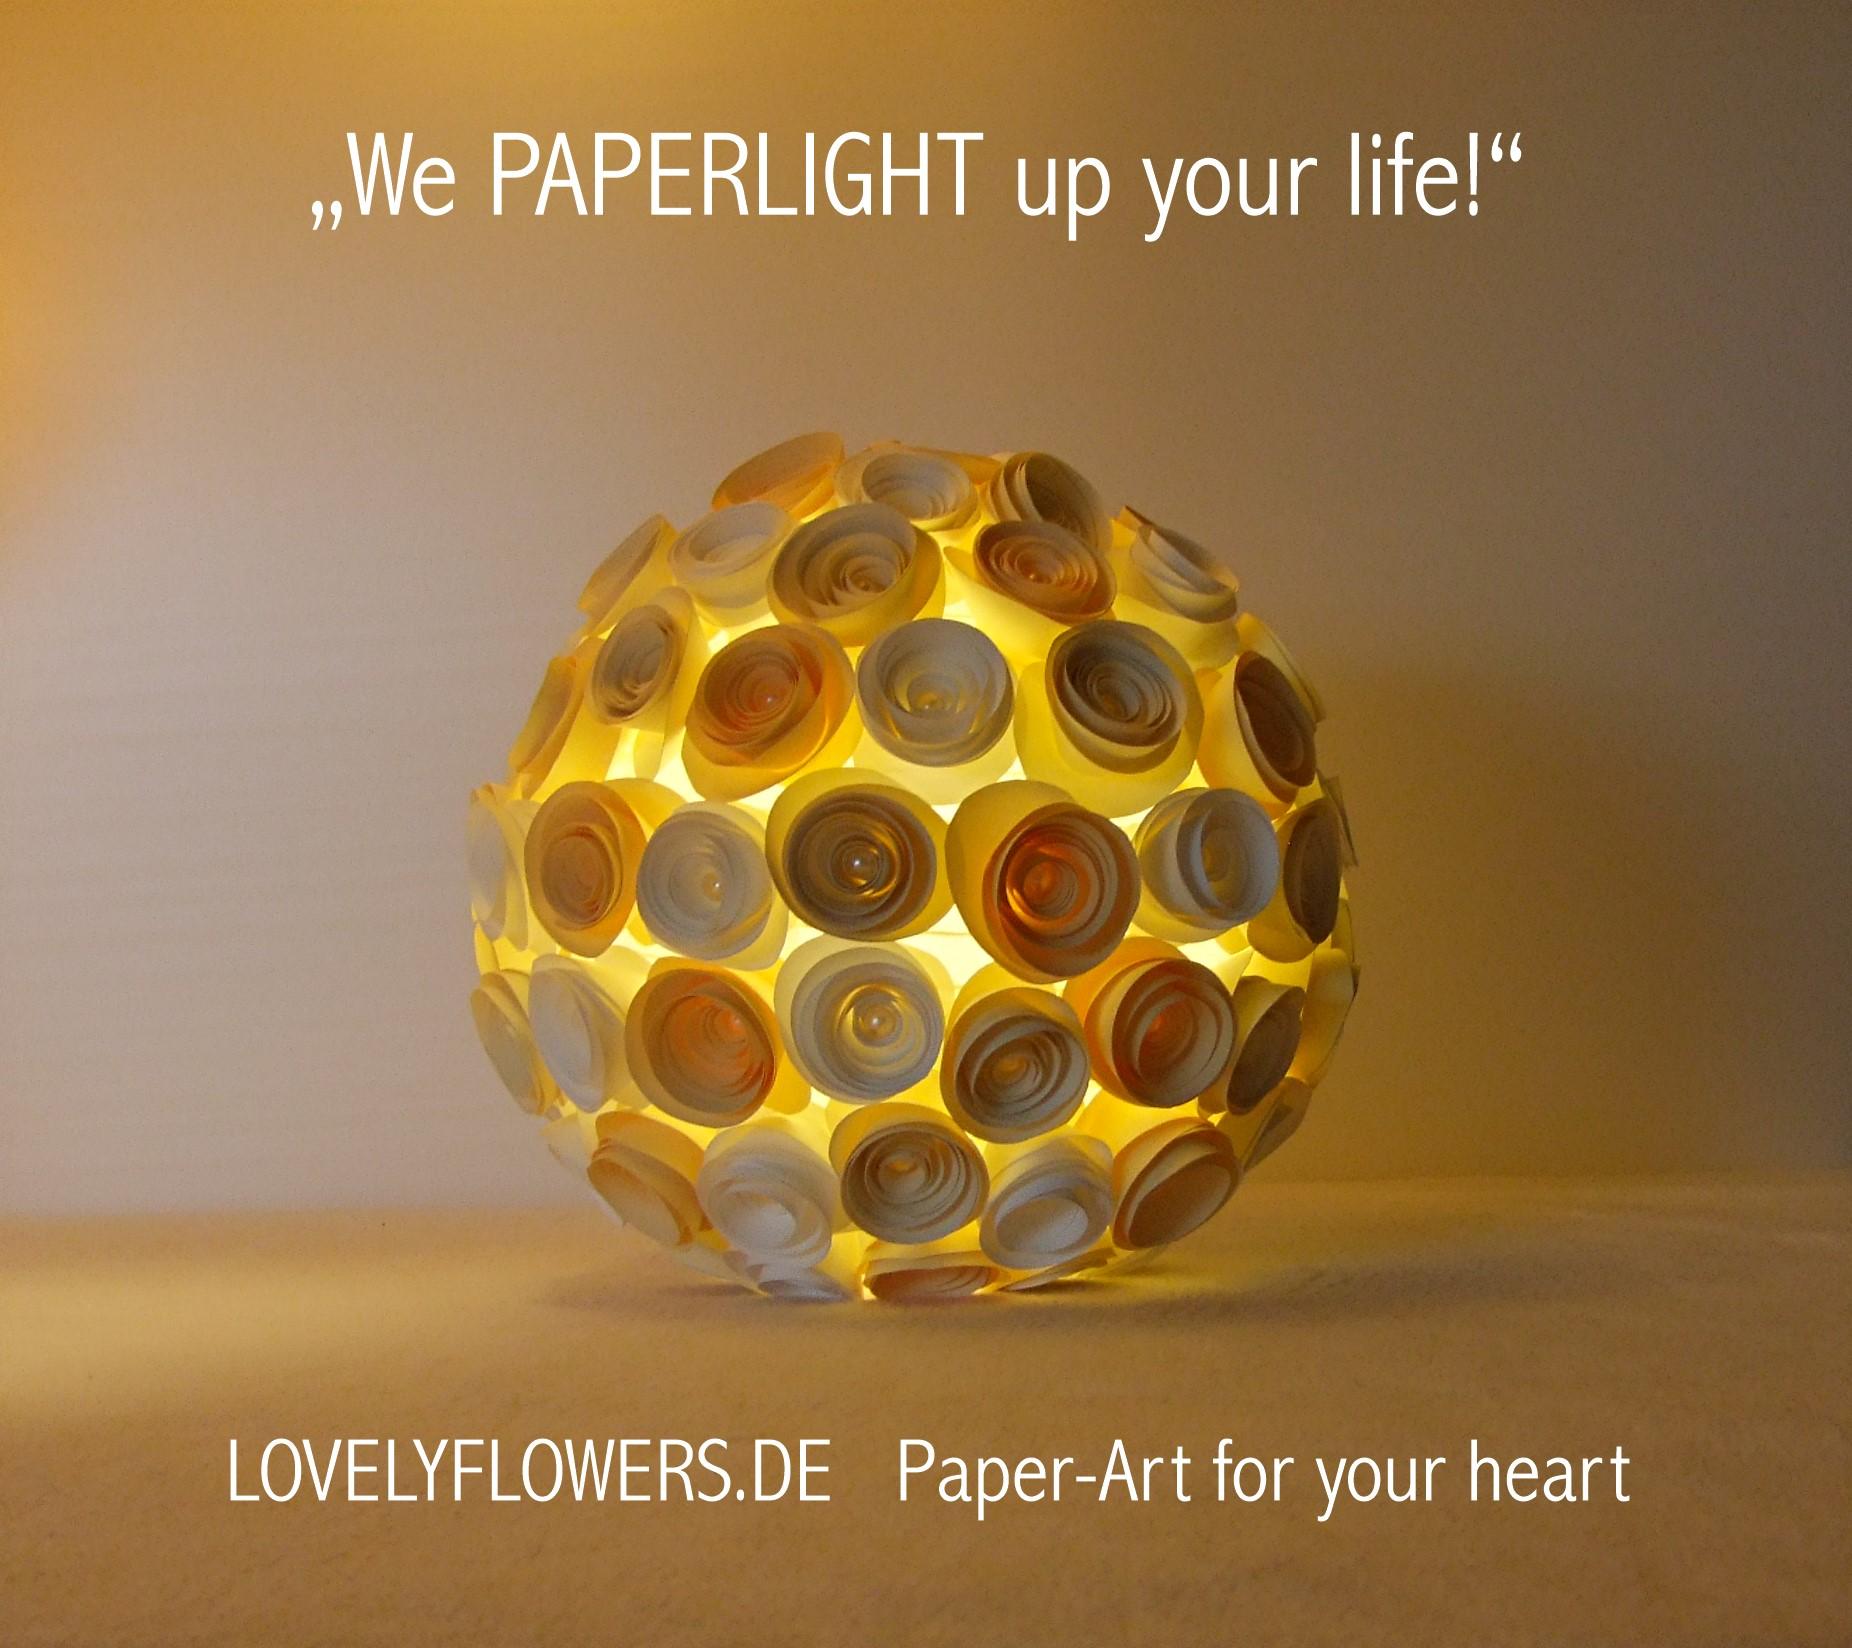 www.lovelyflowers.de - Paper Art Lampen sind auch bei Nacht schön!